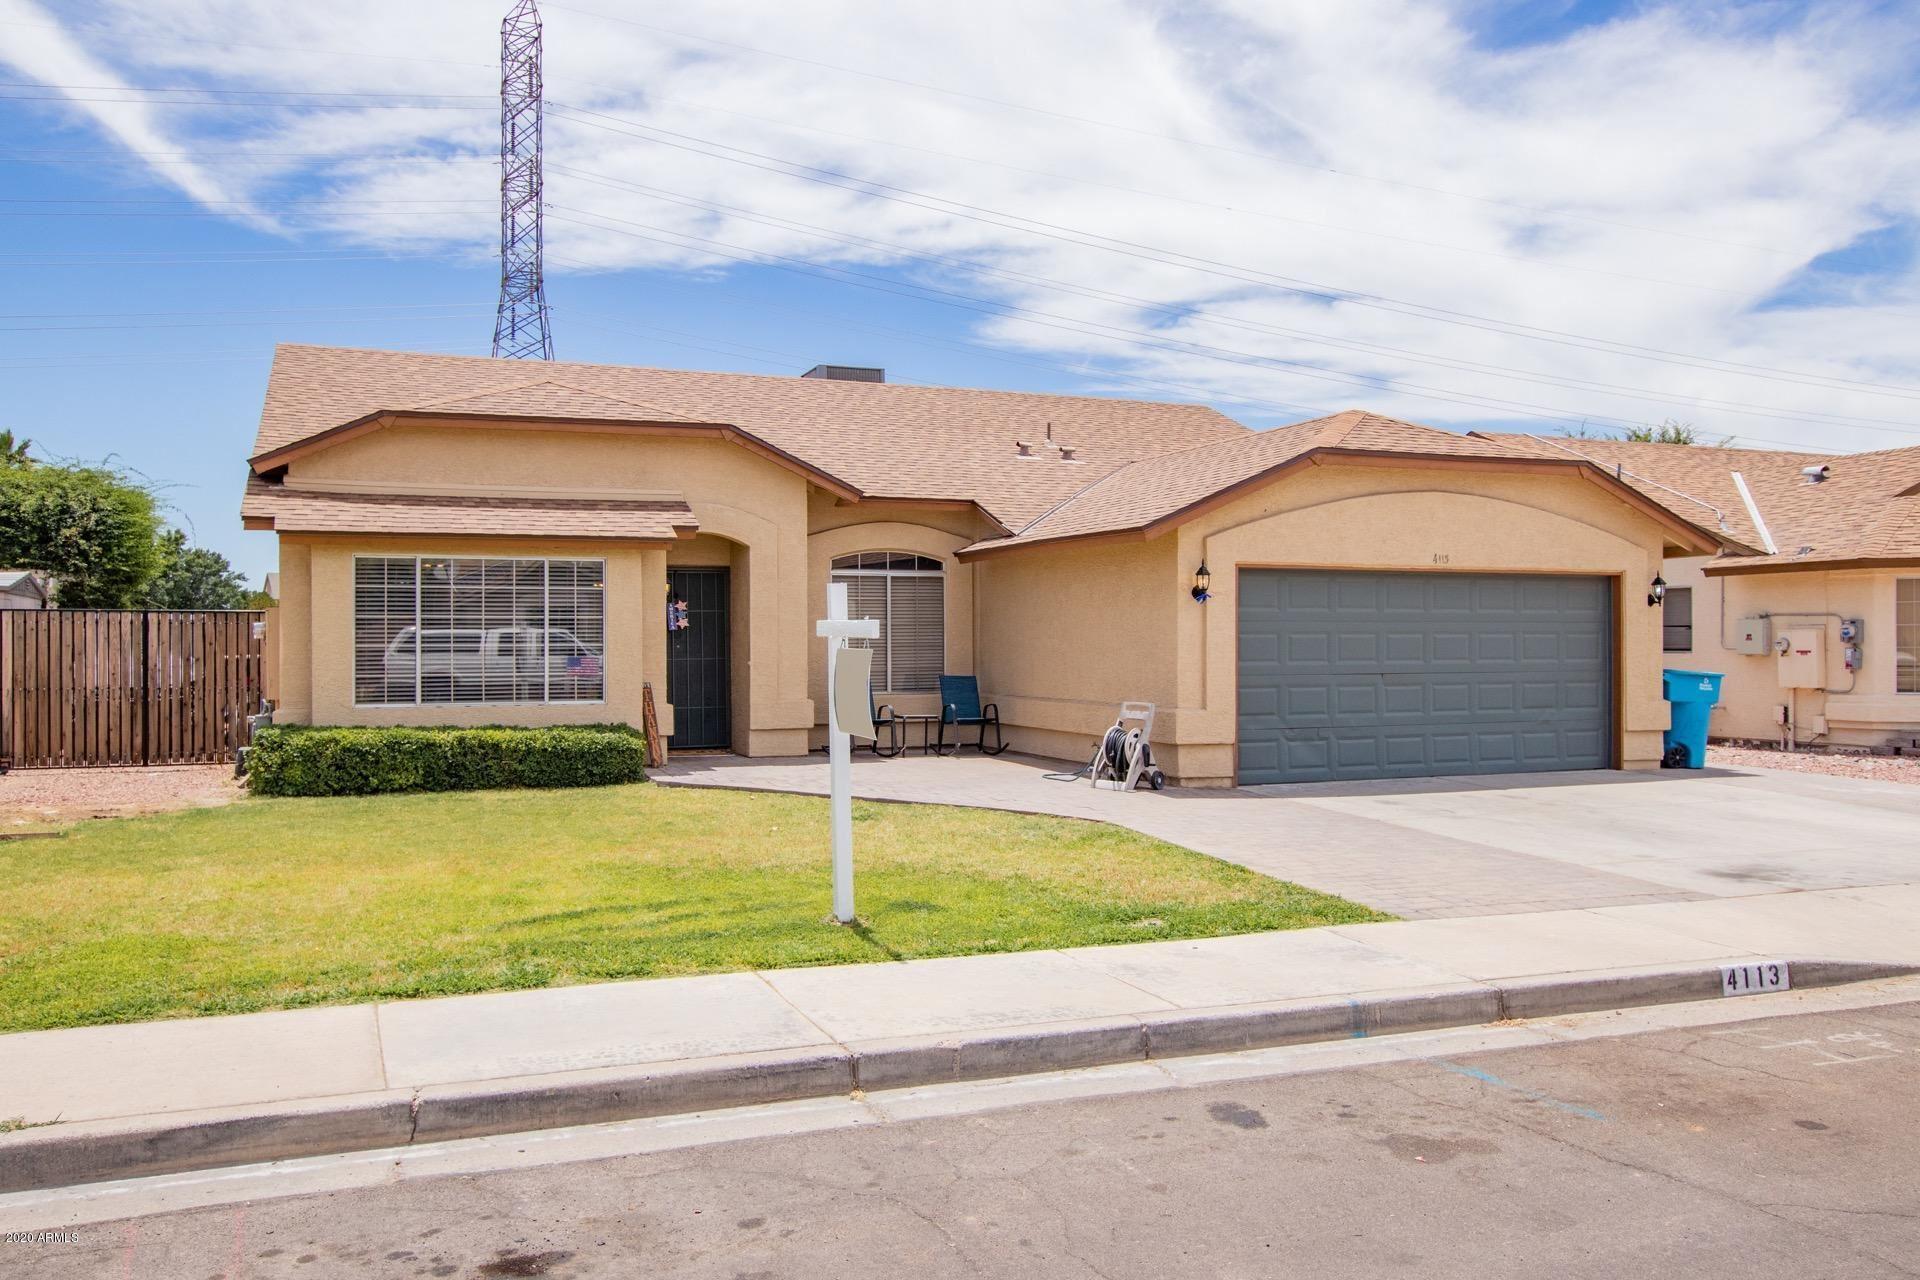 4113 W WHISPERING WIND Drive, Glendale, AZ 85310 - MLS#: 6095910